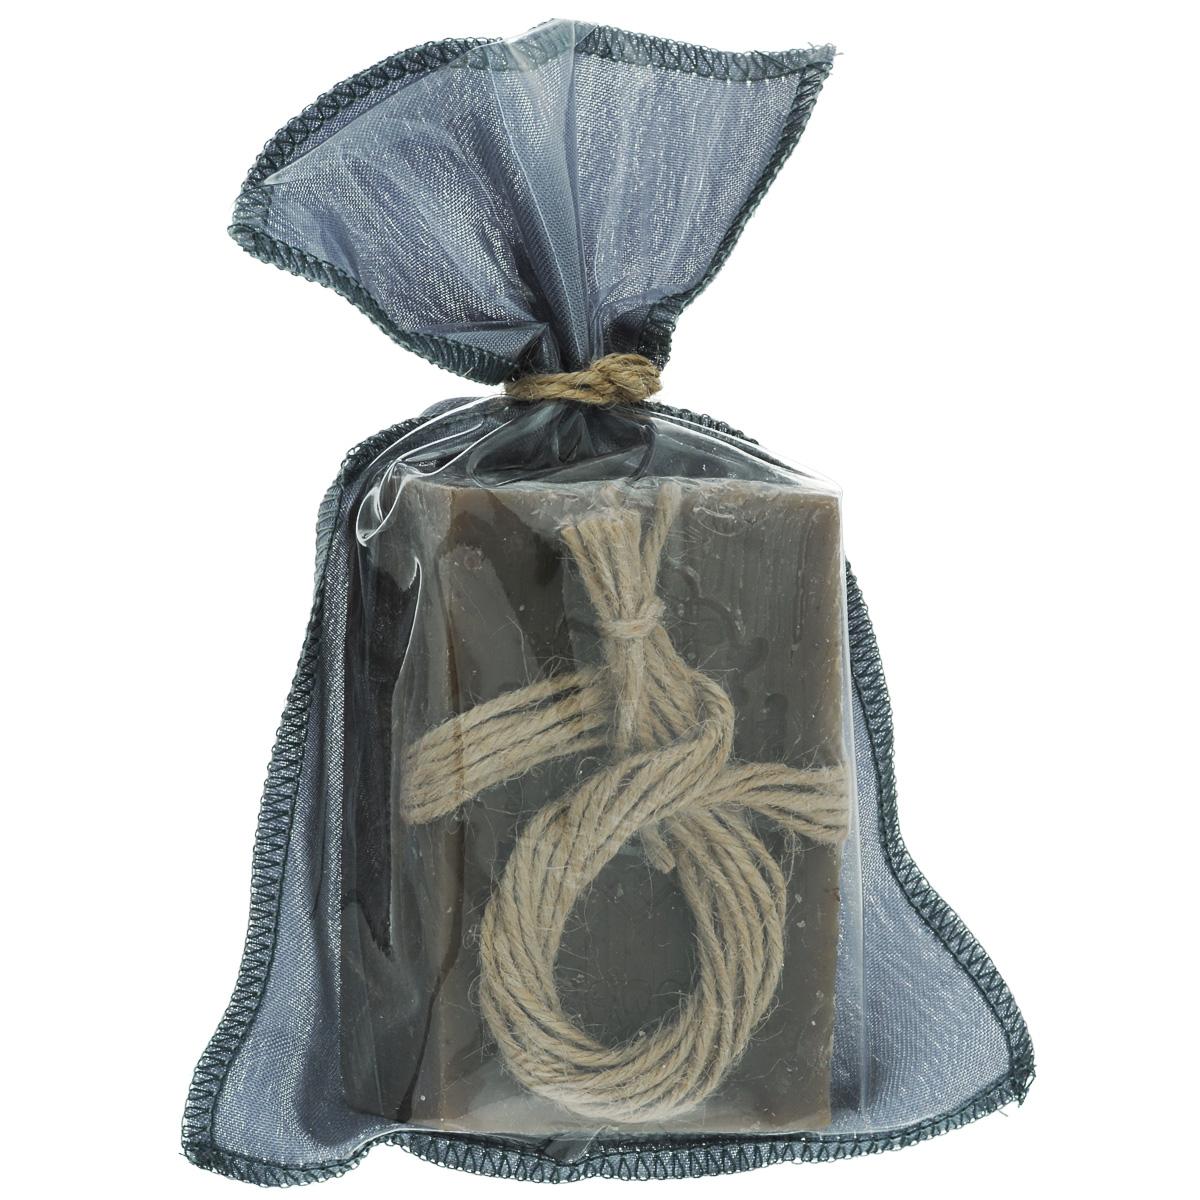 Зейтун Мыло Премиум №2 с травами, 150 гMP59.3DСбалансированный состав масел в натуральном мыле с травами обеспечивает правильный уход за жирной кожей, также это мыло подойдет и для смешанного типа кожи. Хорошо очищает, не сушит кожу. Травы осуществляют лёгкий микромассаж.